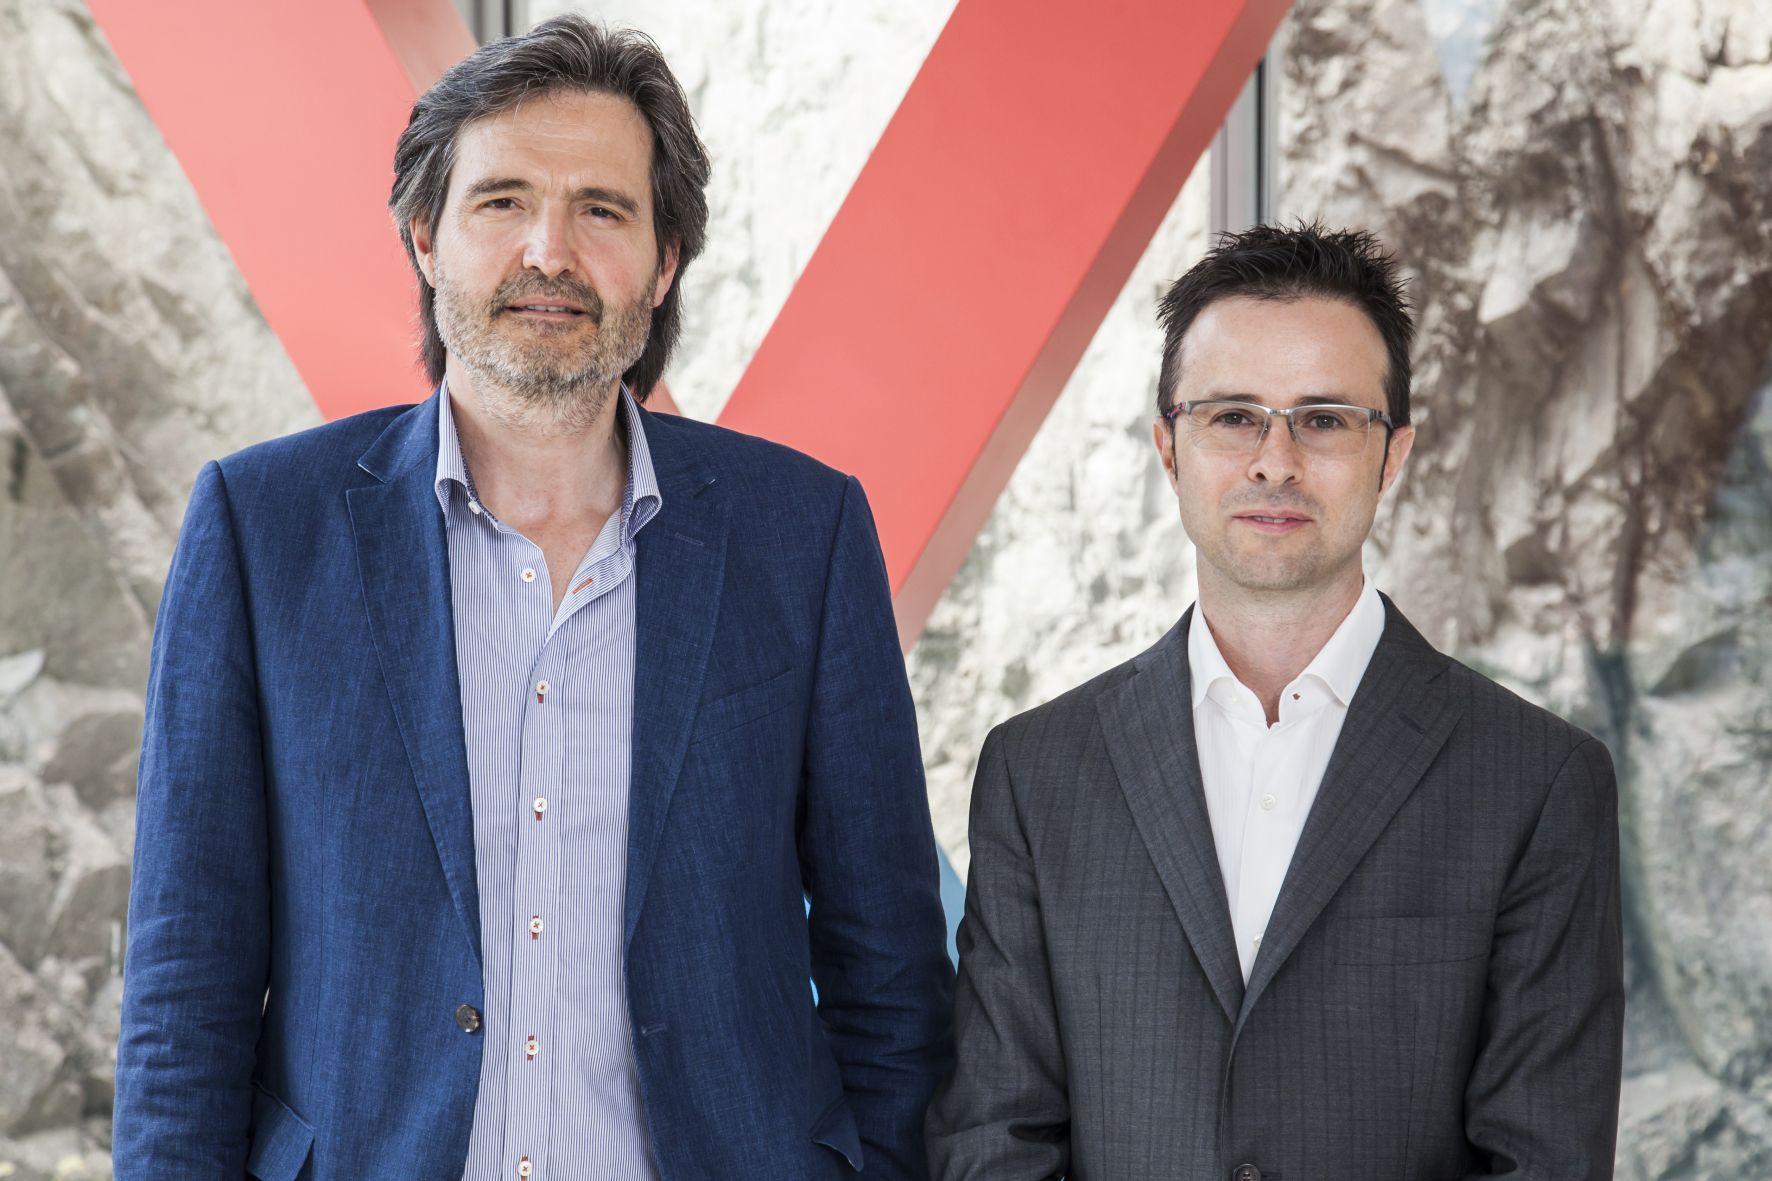 Alberto Morelli (a sinistra) e Massimo Fabricatore, rispettivamente Amministratore Delegato e Direttore Generale di LOEX.